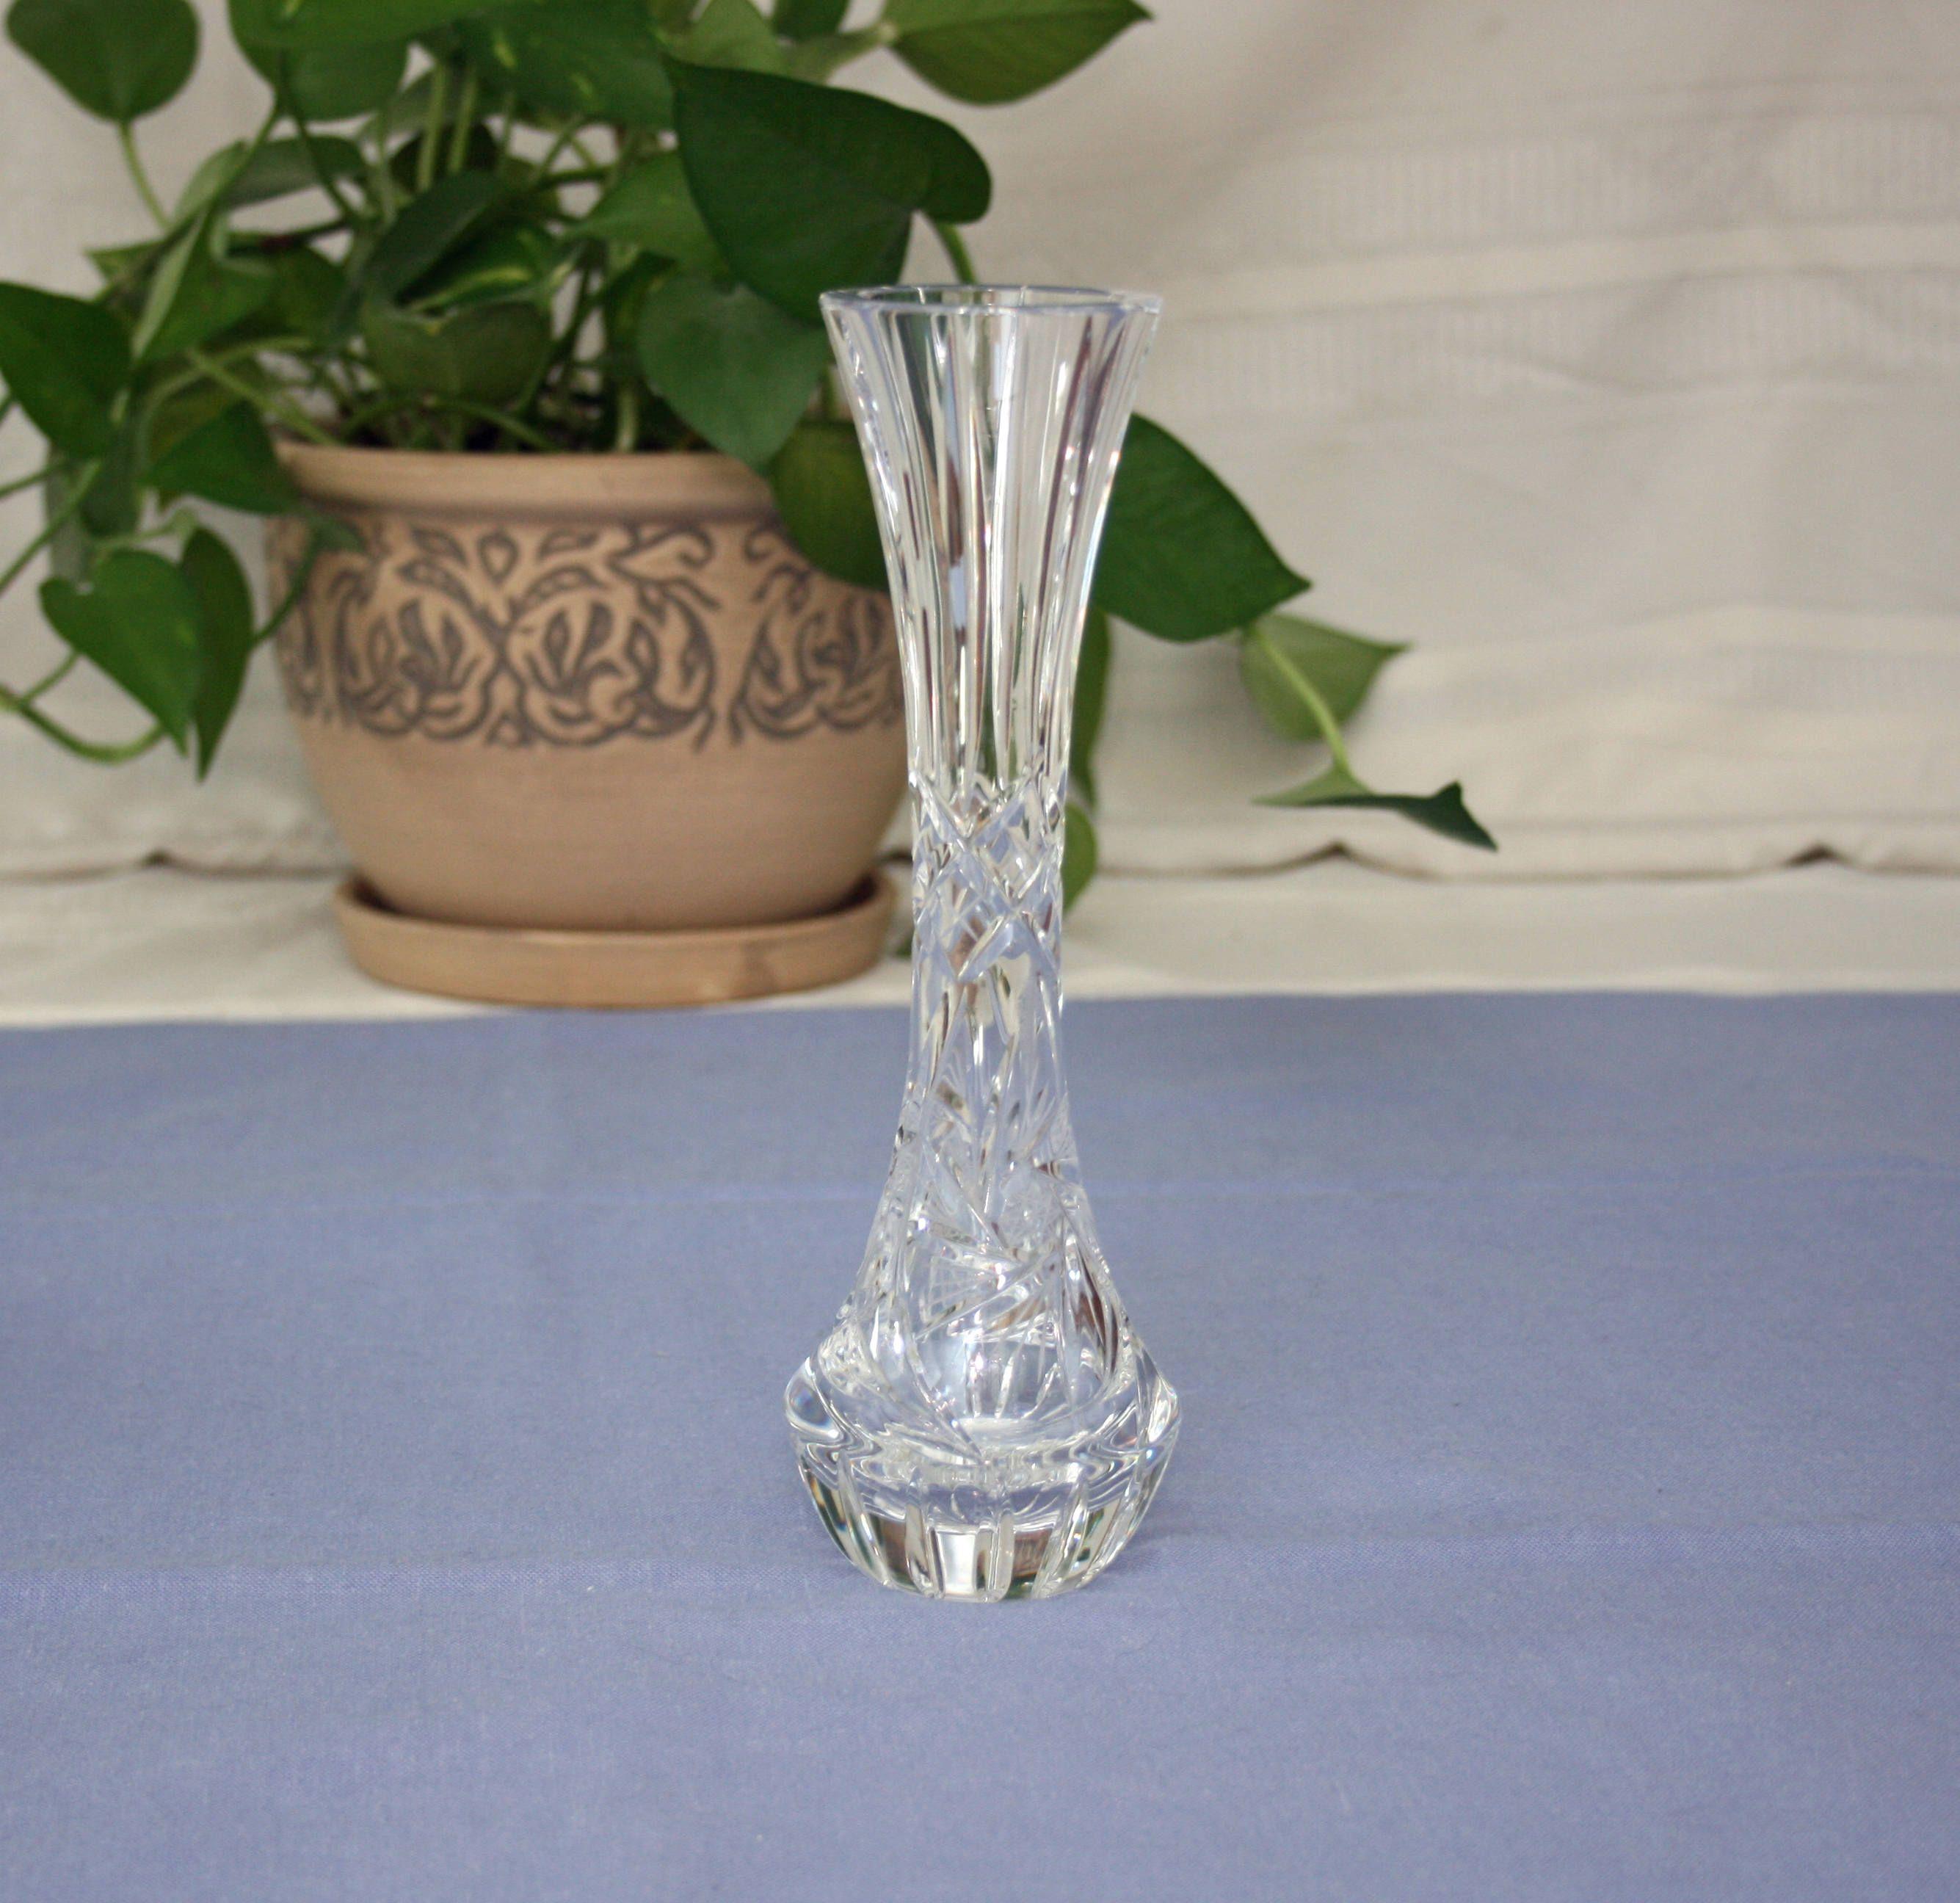 d itm bohemian decoration crystal vase coration cristal flower tall bohemia fruits boh decorated boheme me de fruit dsc